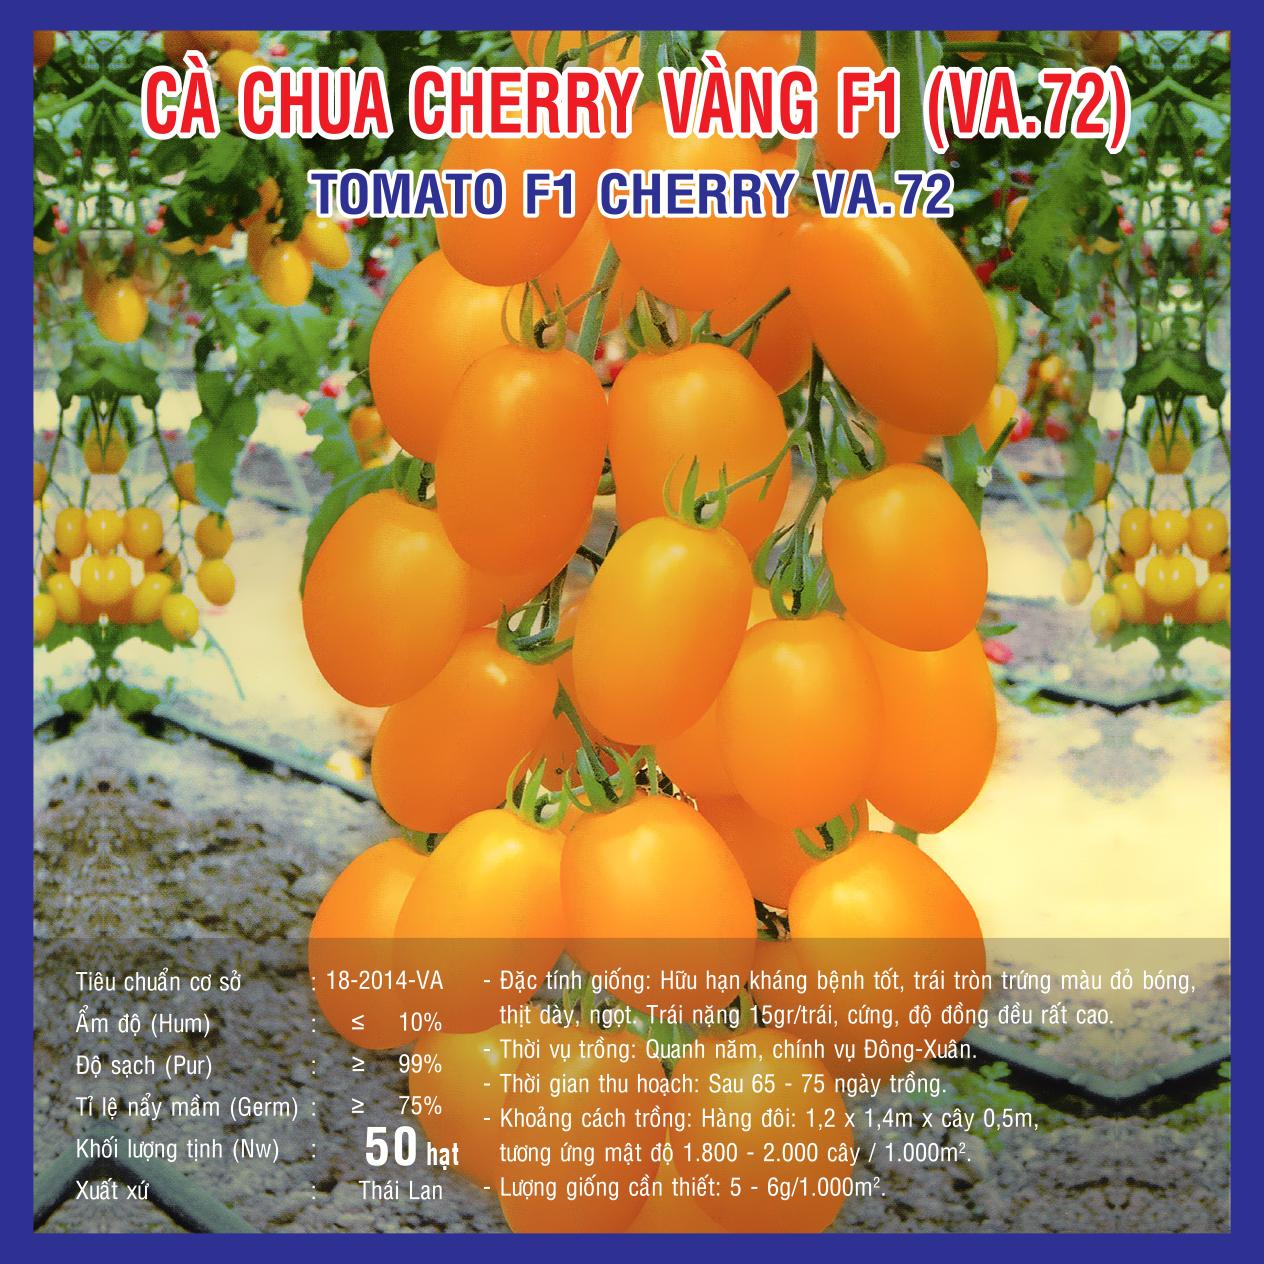 CÀ CHUA CHERRY VÀNG F1 (VA.72) 50 hạt